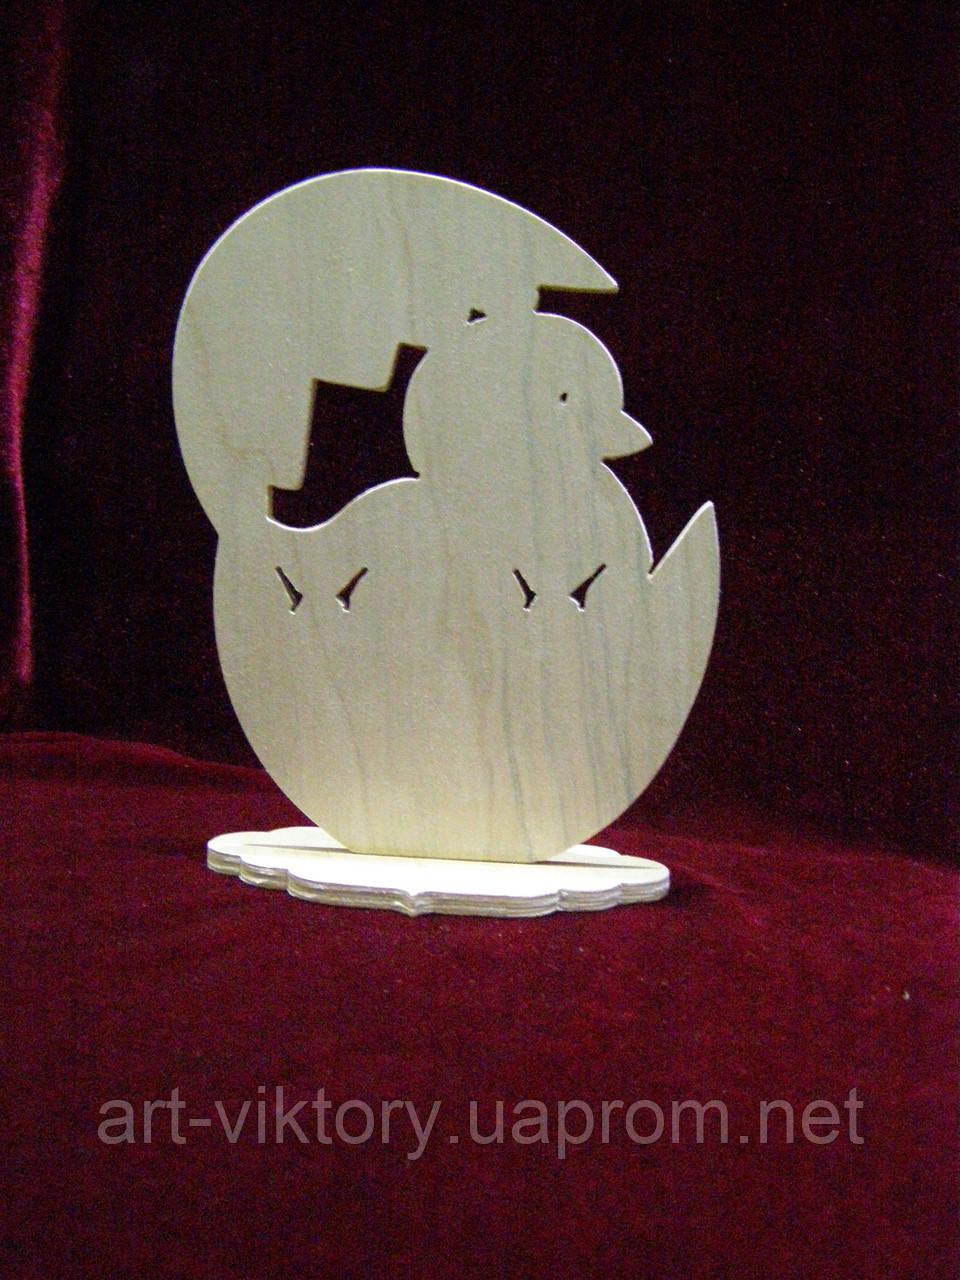 Пасхальне яйце на підставці з пташеням